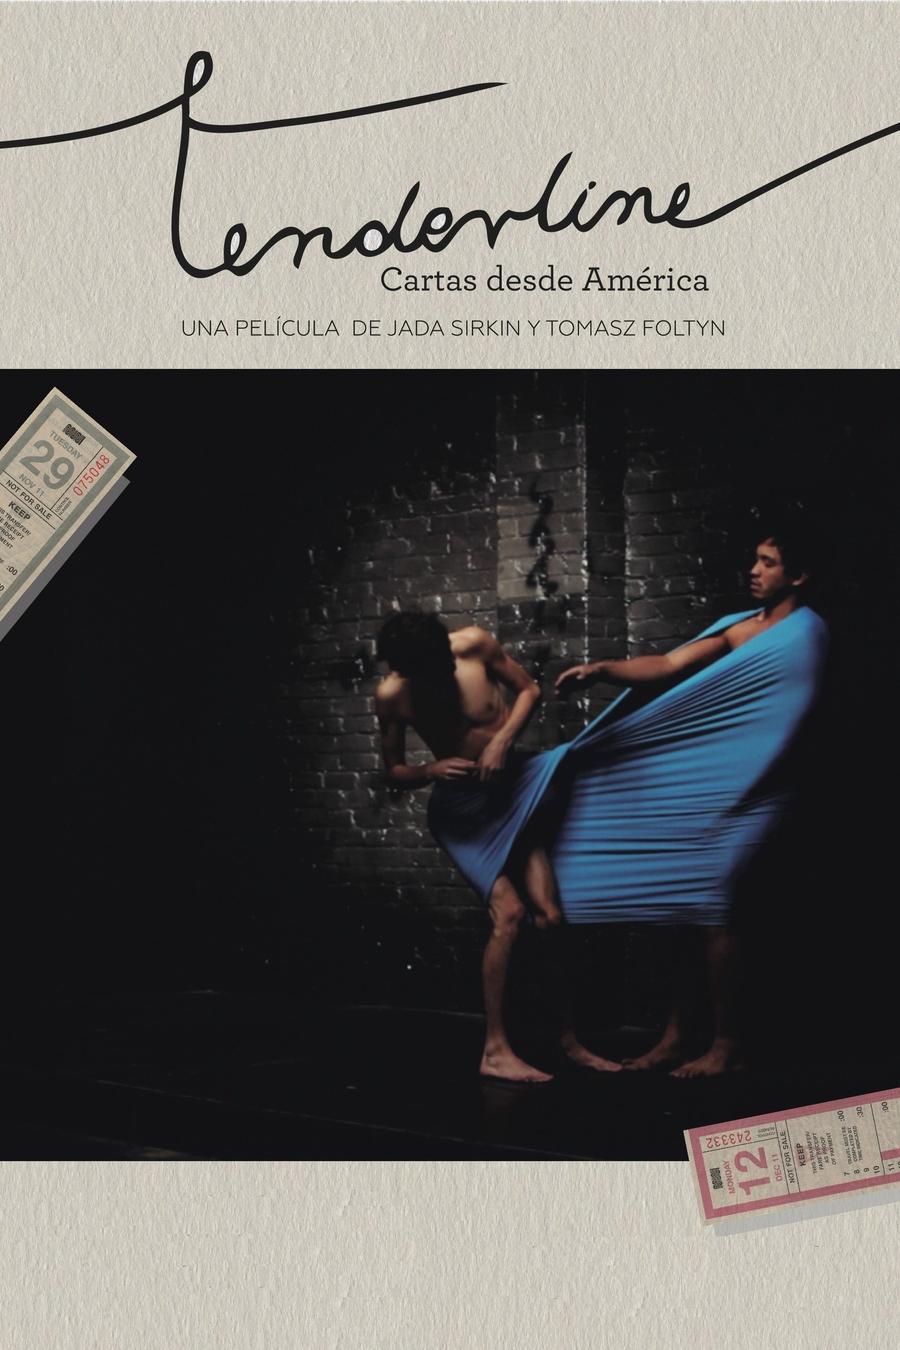 Tenderline: Cartas desde América